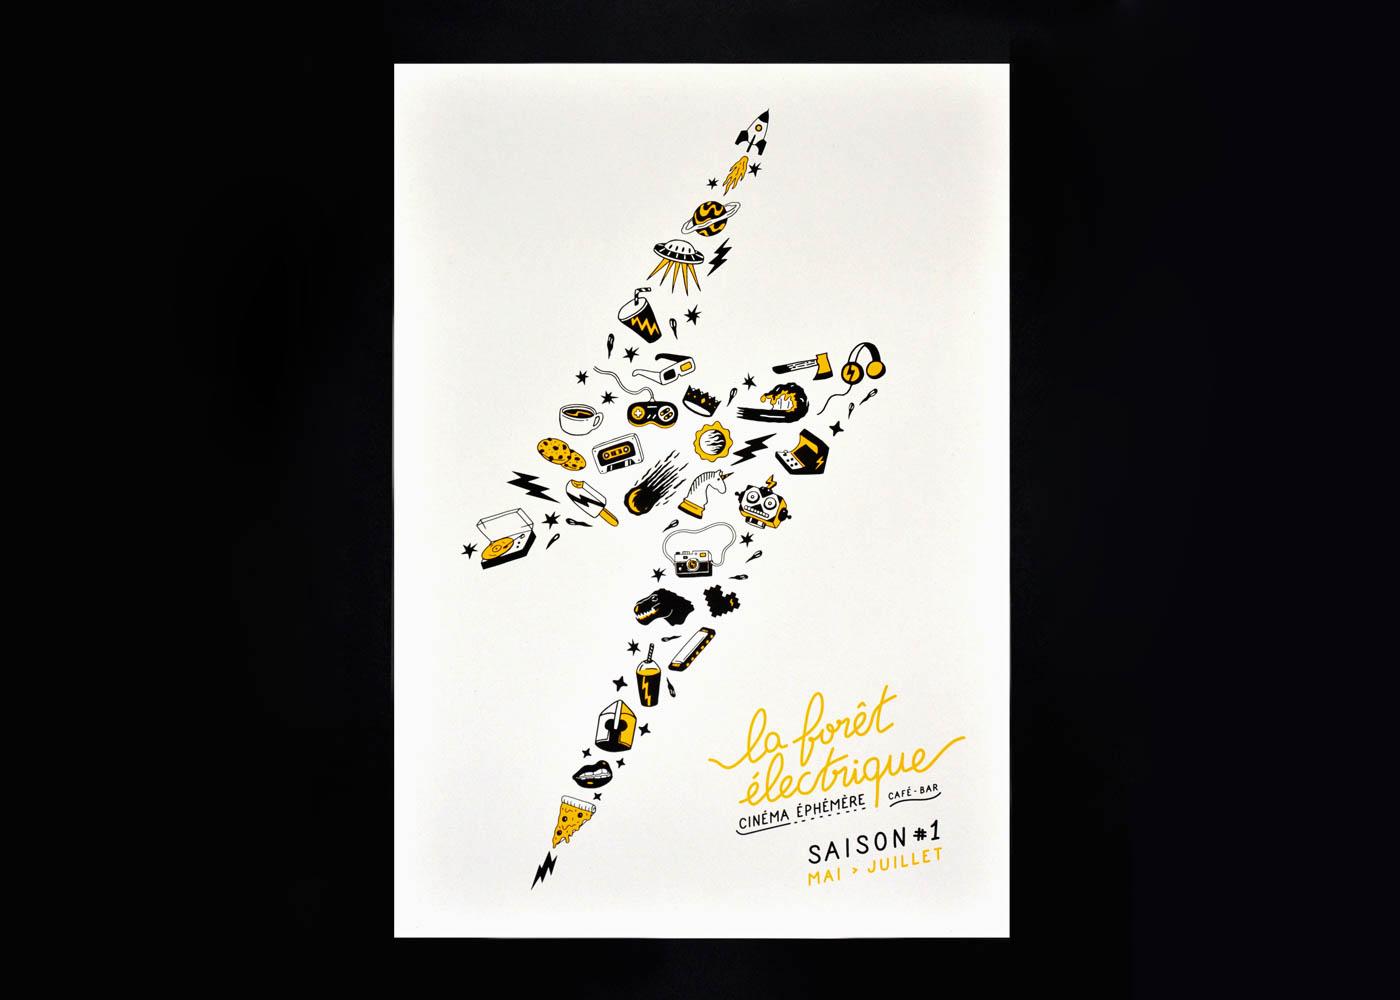 Photo de l'affiche A3 de la saison 1 de la Foret Electrique. Visuel et impression en sérigraphie par Superfruit